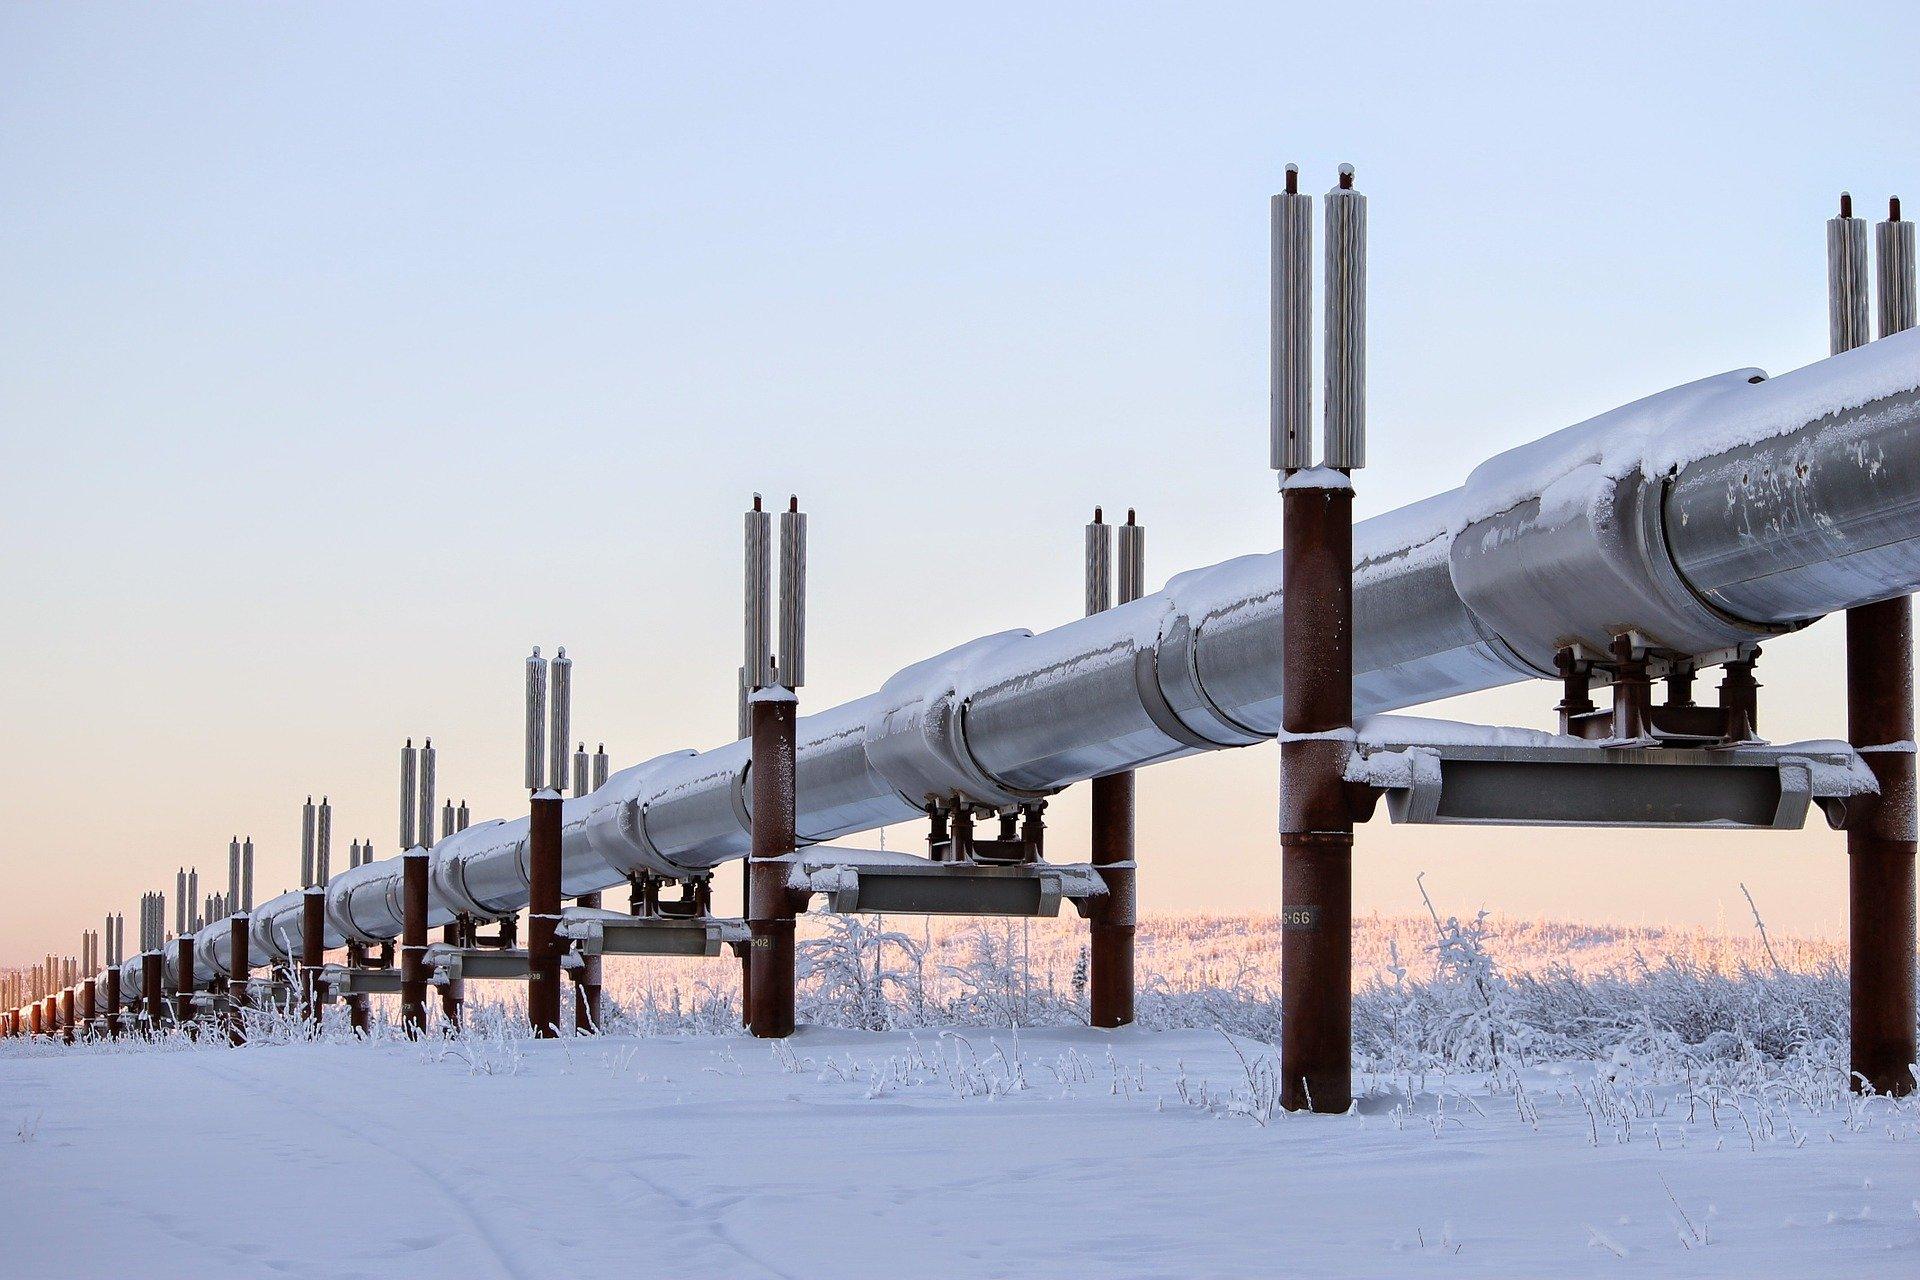 Bild einer Ölleitung in Alaska im Winter